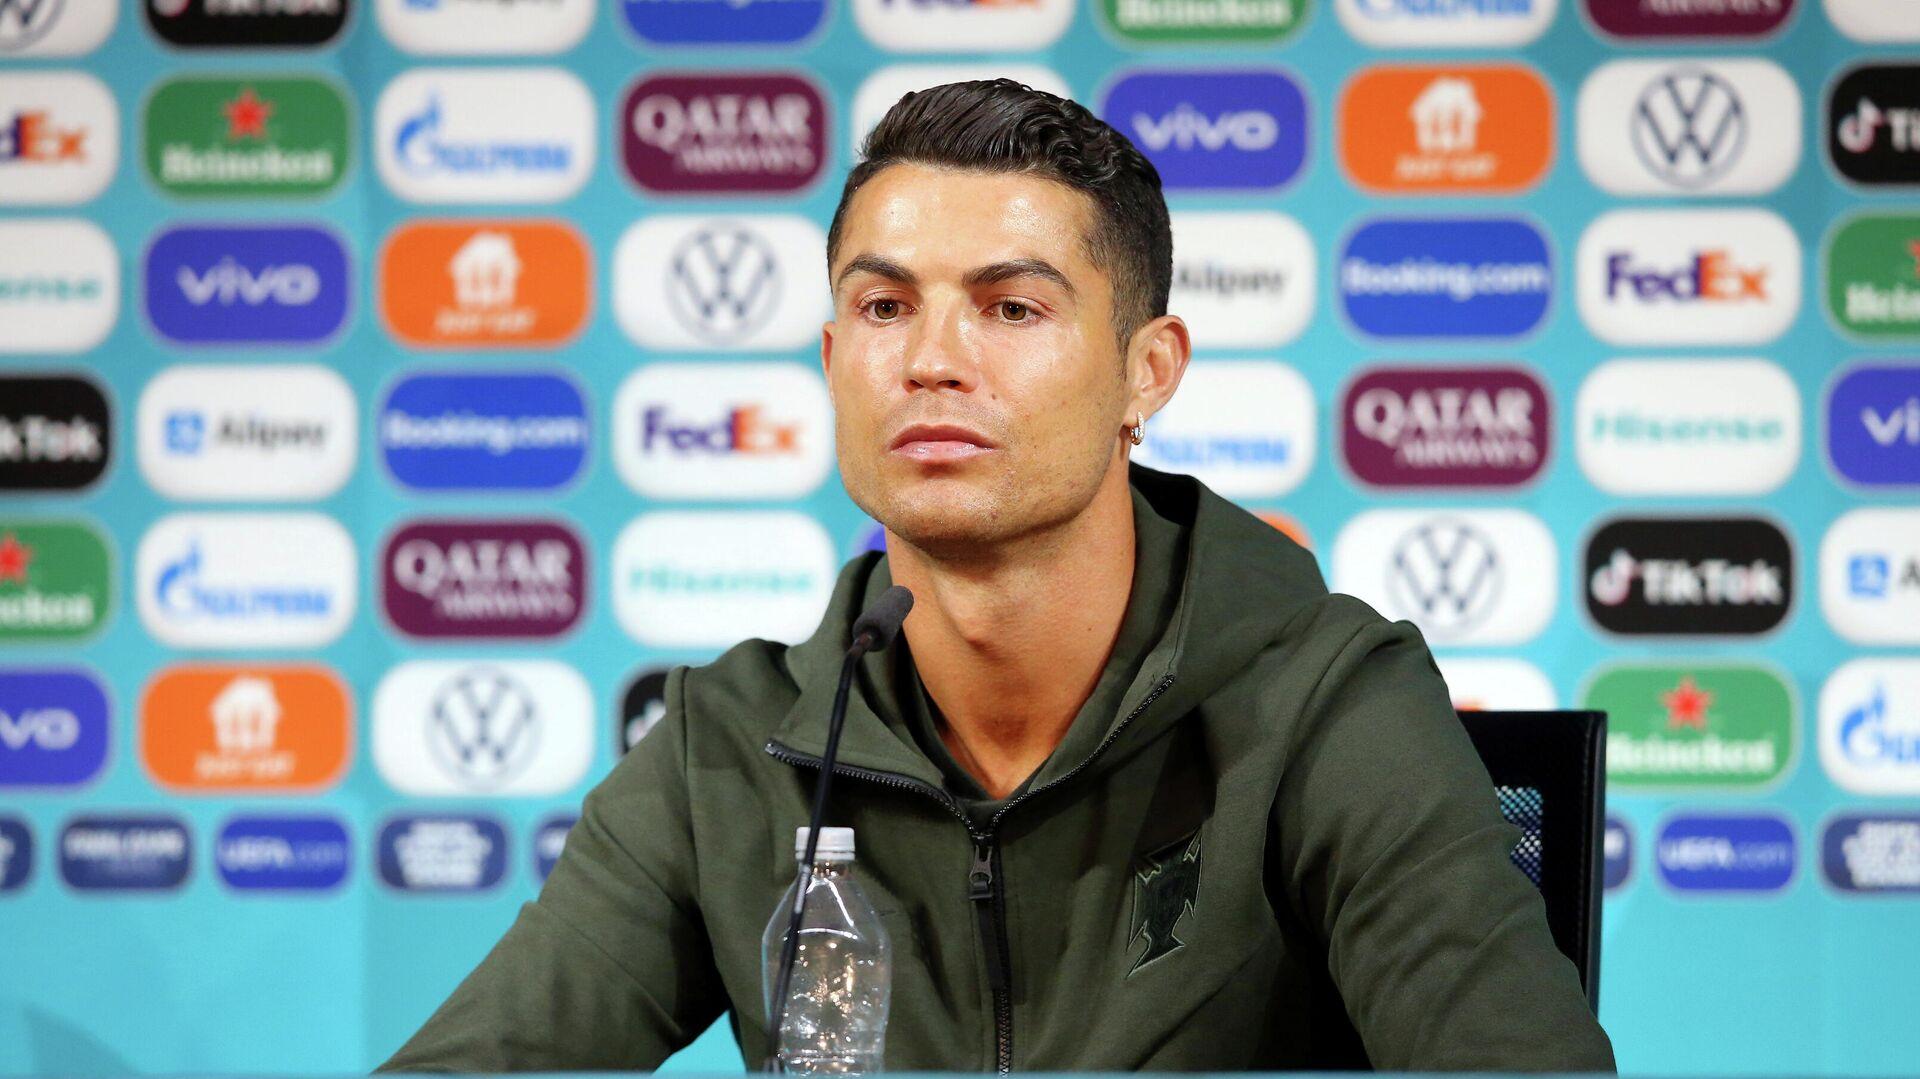 Cristiano Ronaldo, futbolista portugués - Sputnik Mundo, 1920, 15.06.2021